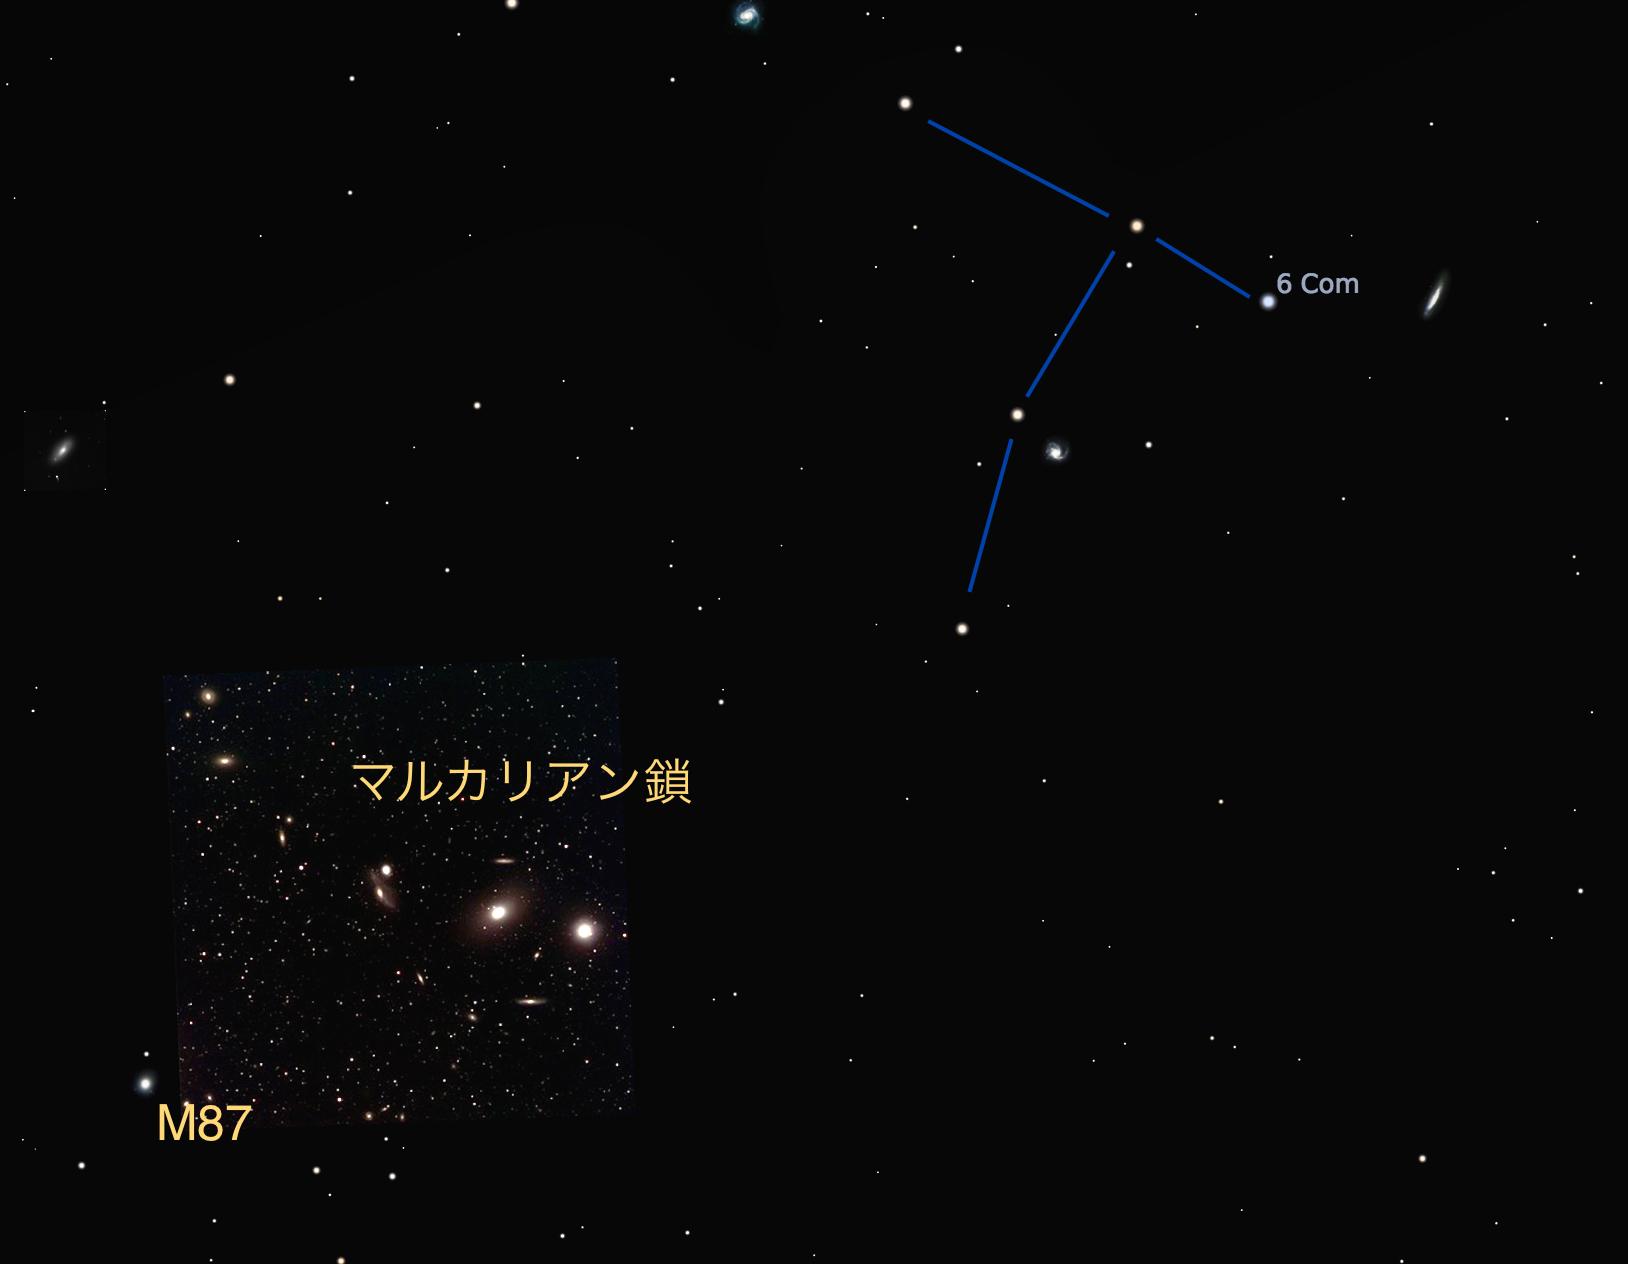 f:id:snct-astro:20190414123141p:plain